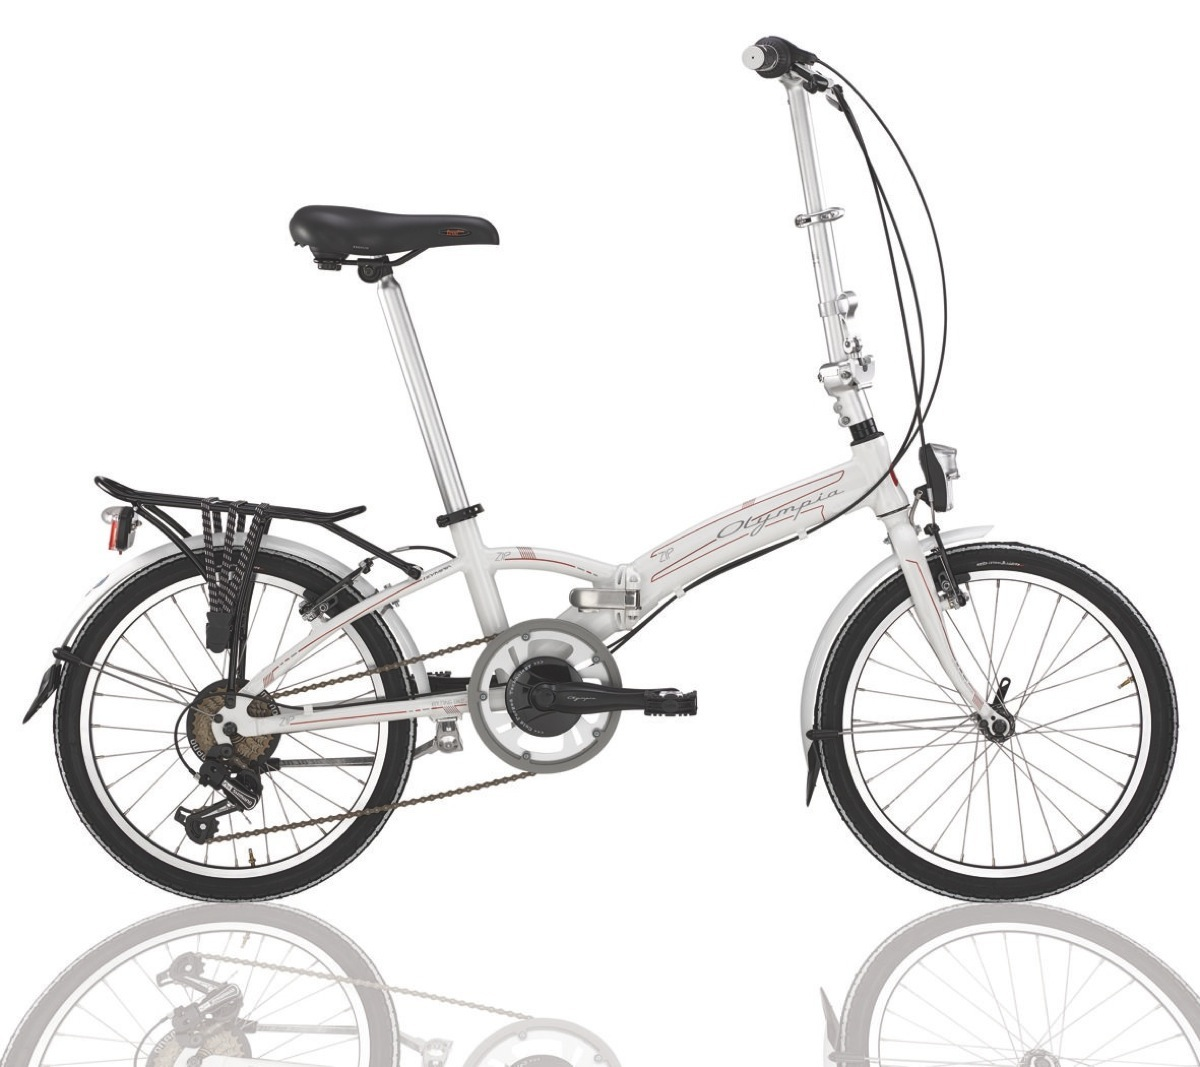 Olympia zip la pratica bici pieghevole per la citt for Bici pieghevole milano